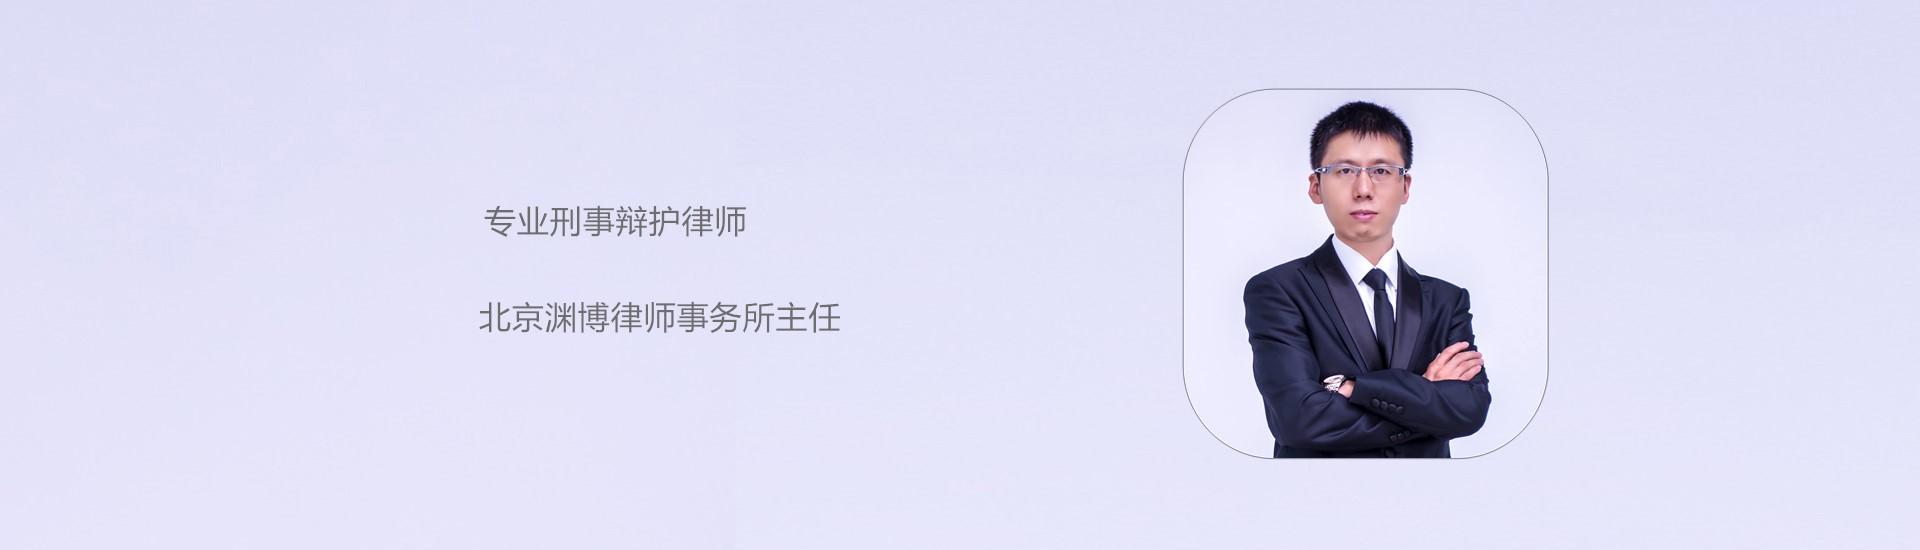 北京诈骗律师大图一